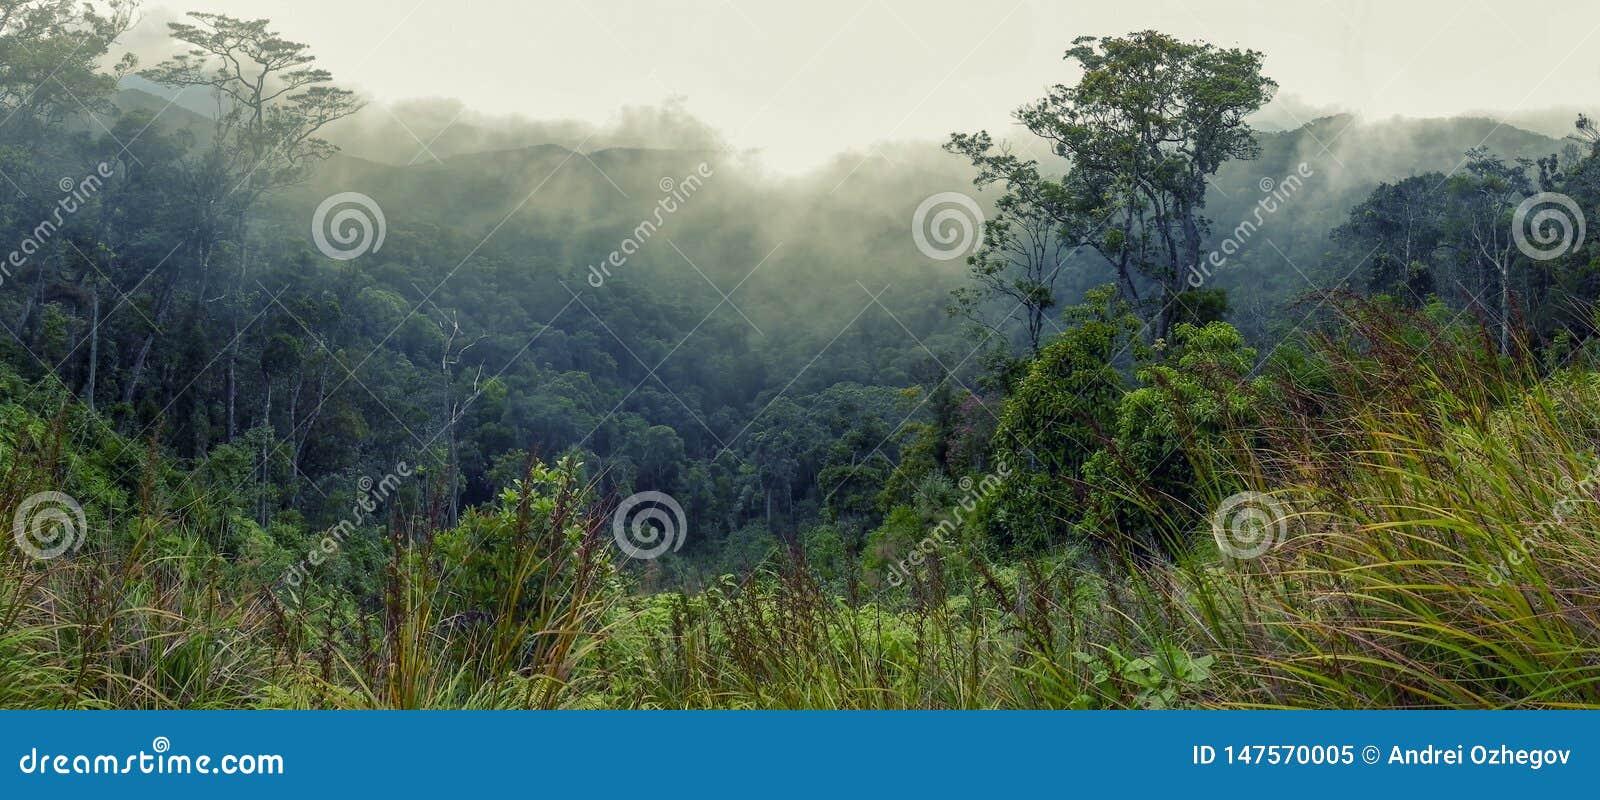 Lesista zbocze góry w niskiej lying on the beach chmurze